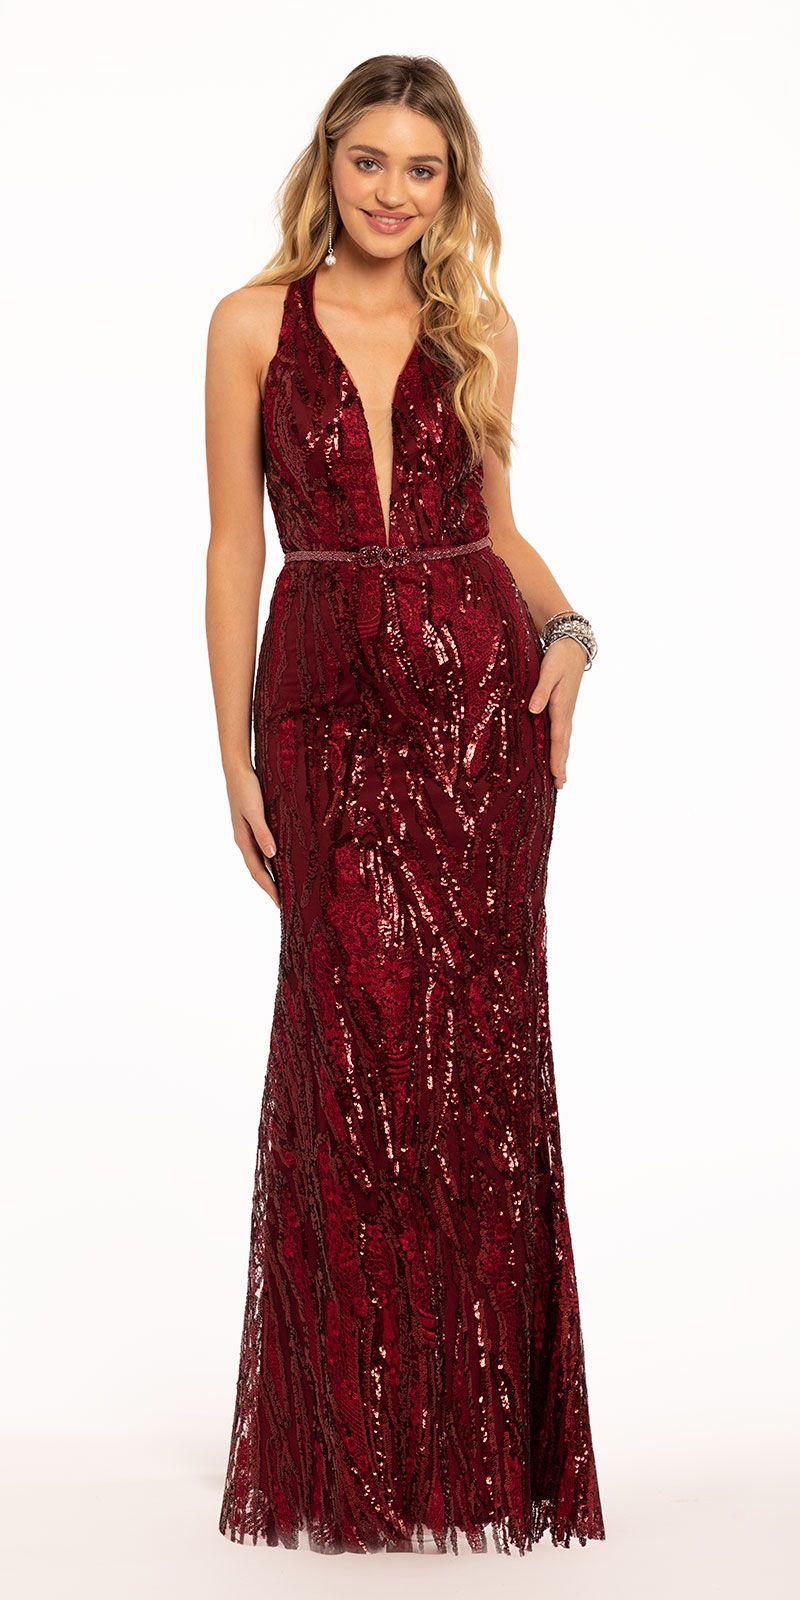 Sequin Halter Plunge Belt Dress Elegant Wedding Guest Dress Formal Dresses Prom Dresses [ 1600 x 800 Pixel ]